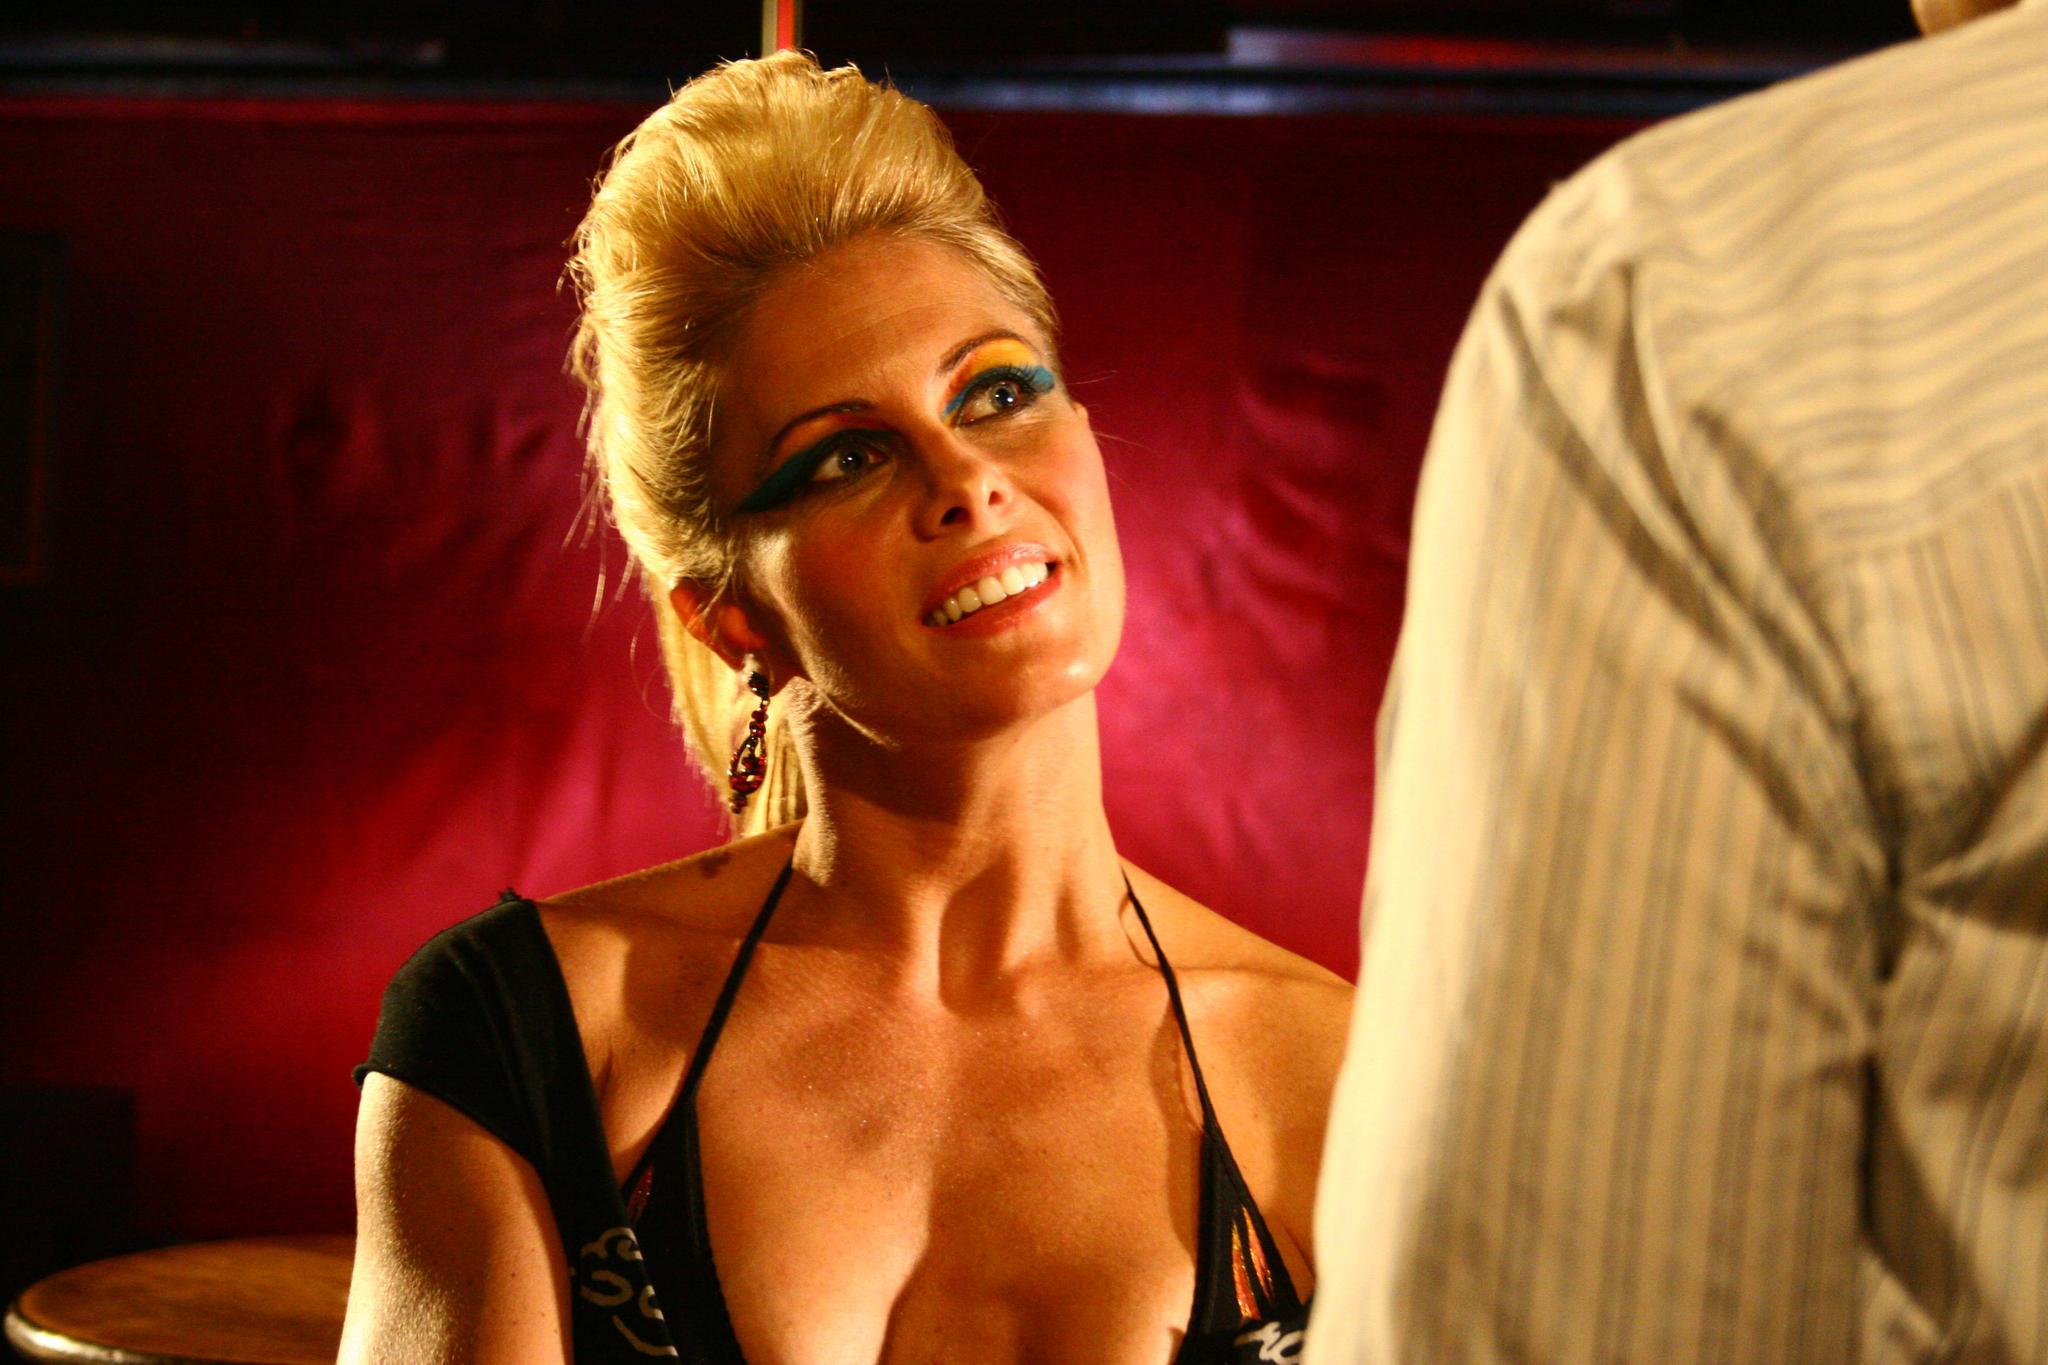 Still of Nicole Eggert in Cattle Call (2006)